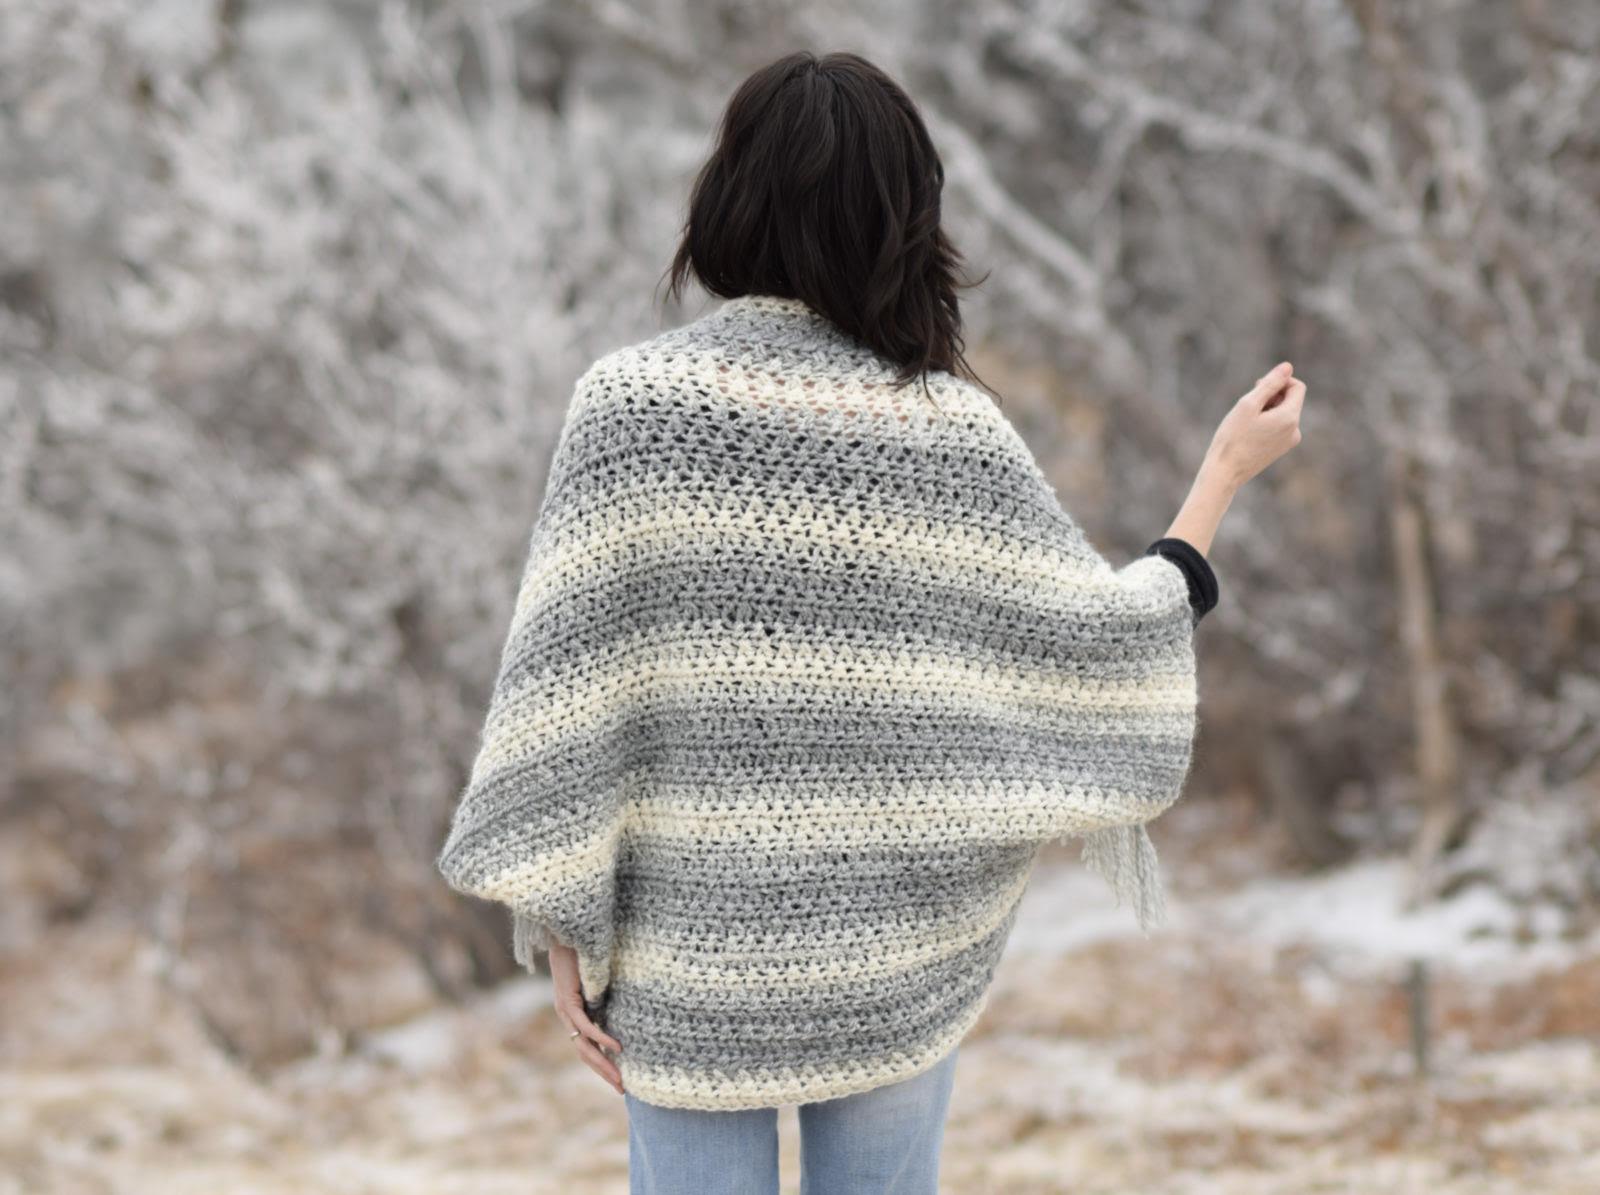 Prussia mall sweater pattern pattern crochet blanket easy free online hop canada